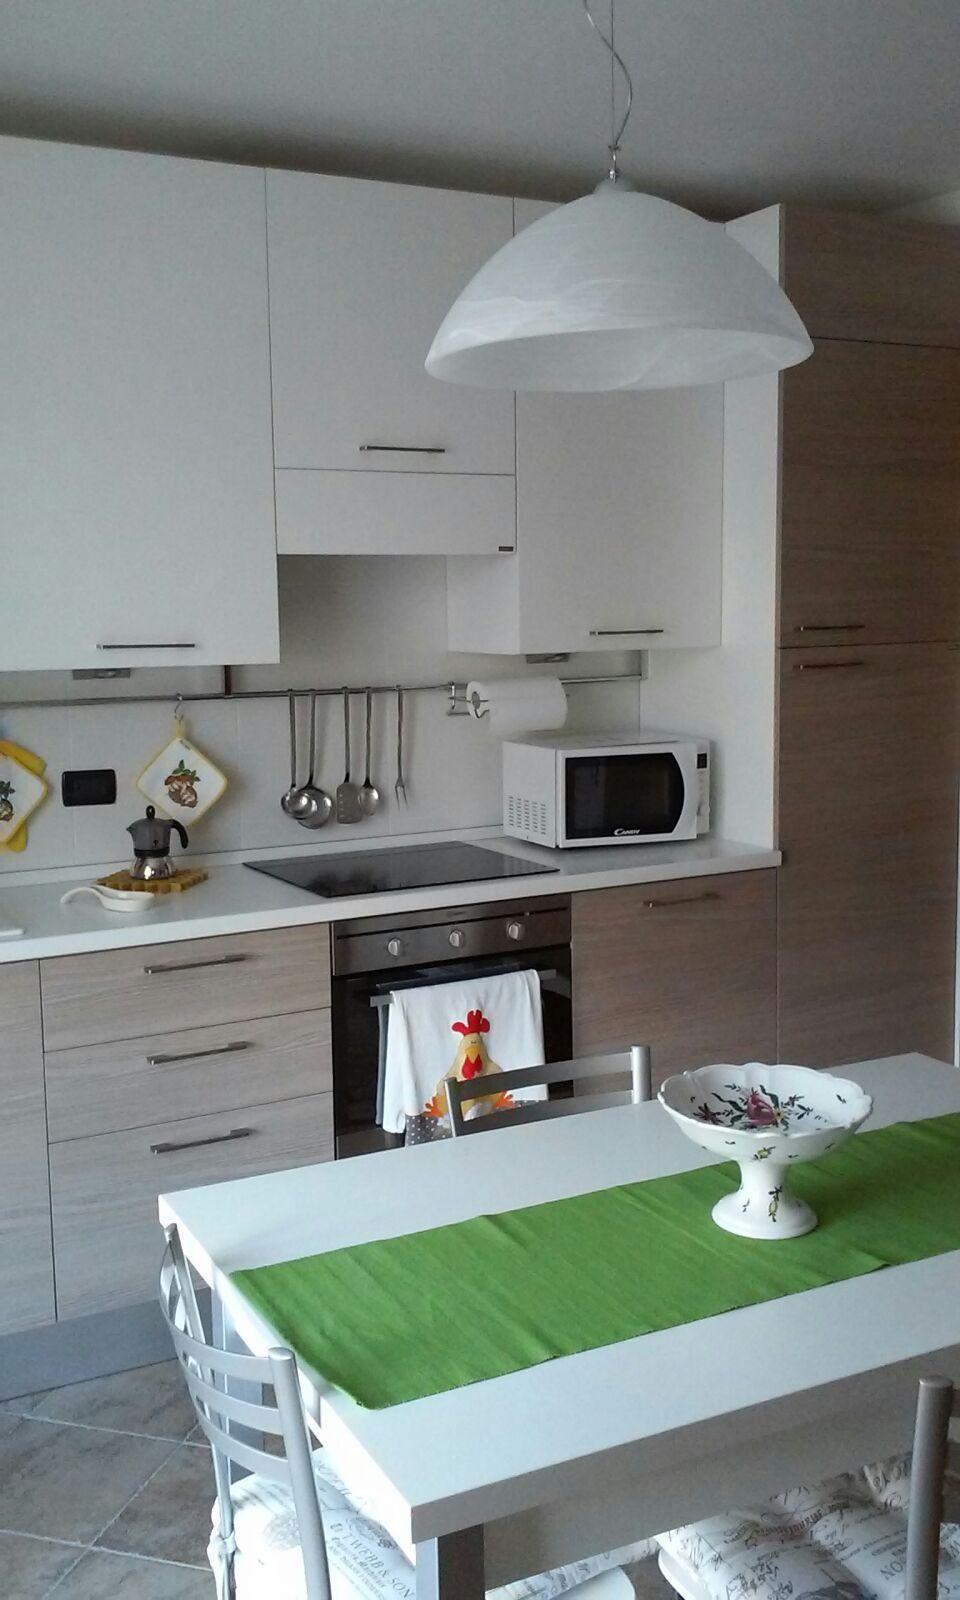 Govi arredamenti cucina scavolini sax for Appartamento sinonimo